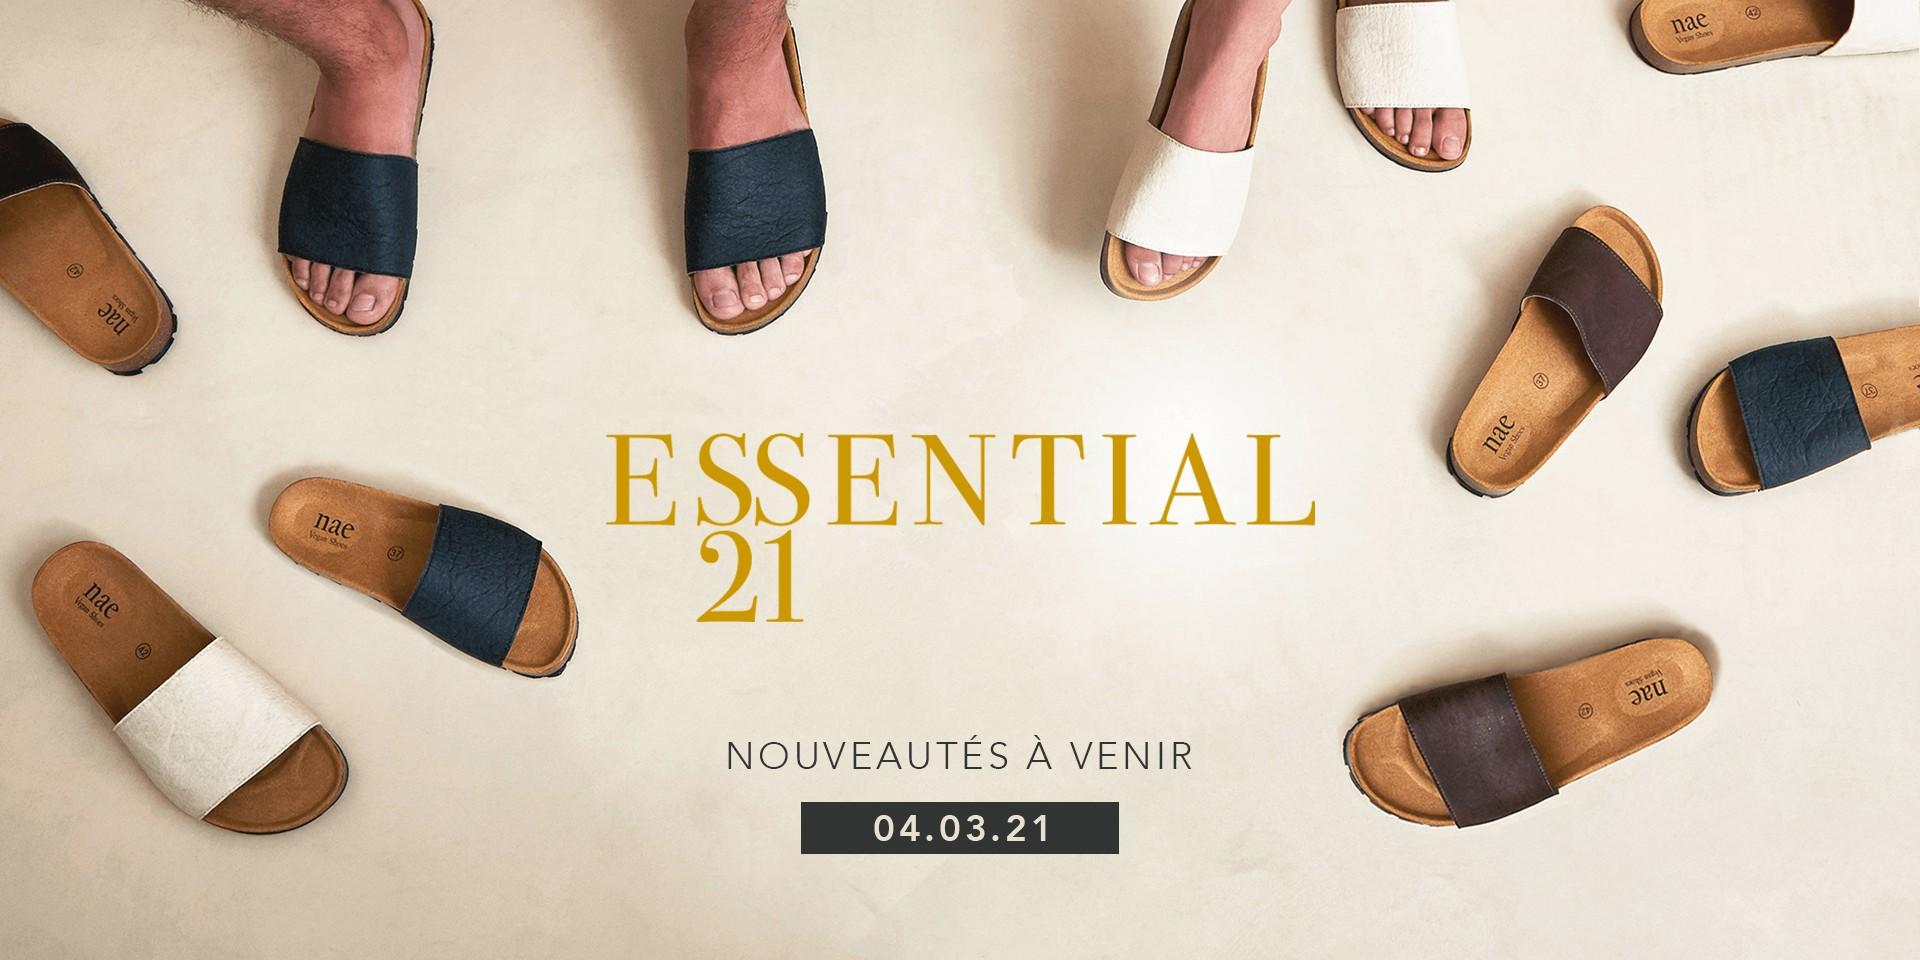 Chaussures véganes - Nouveautés à venir